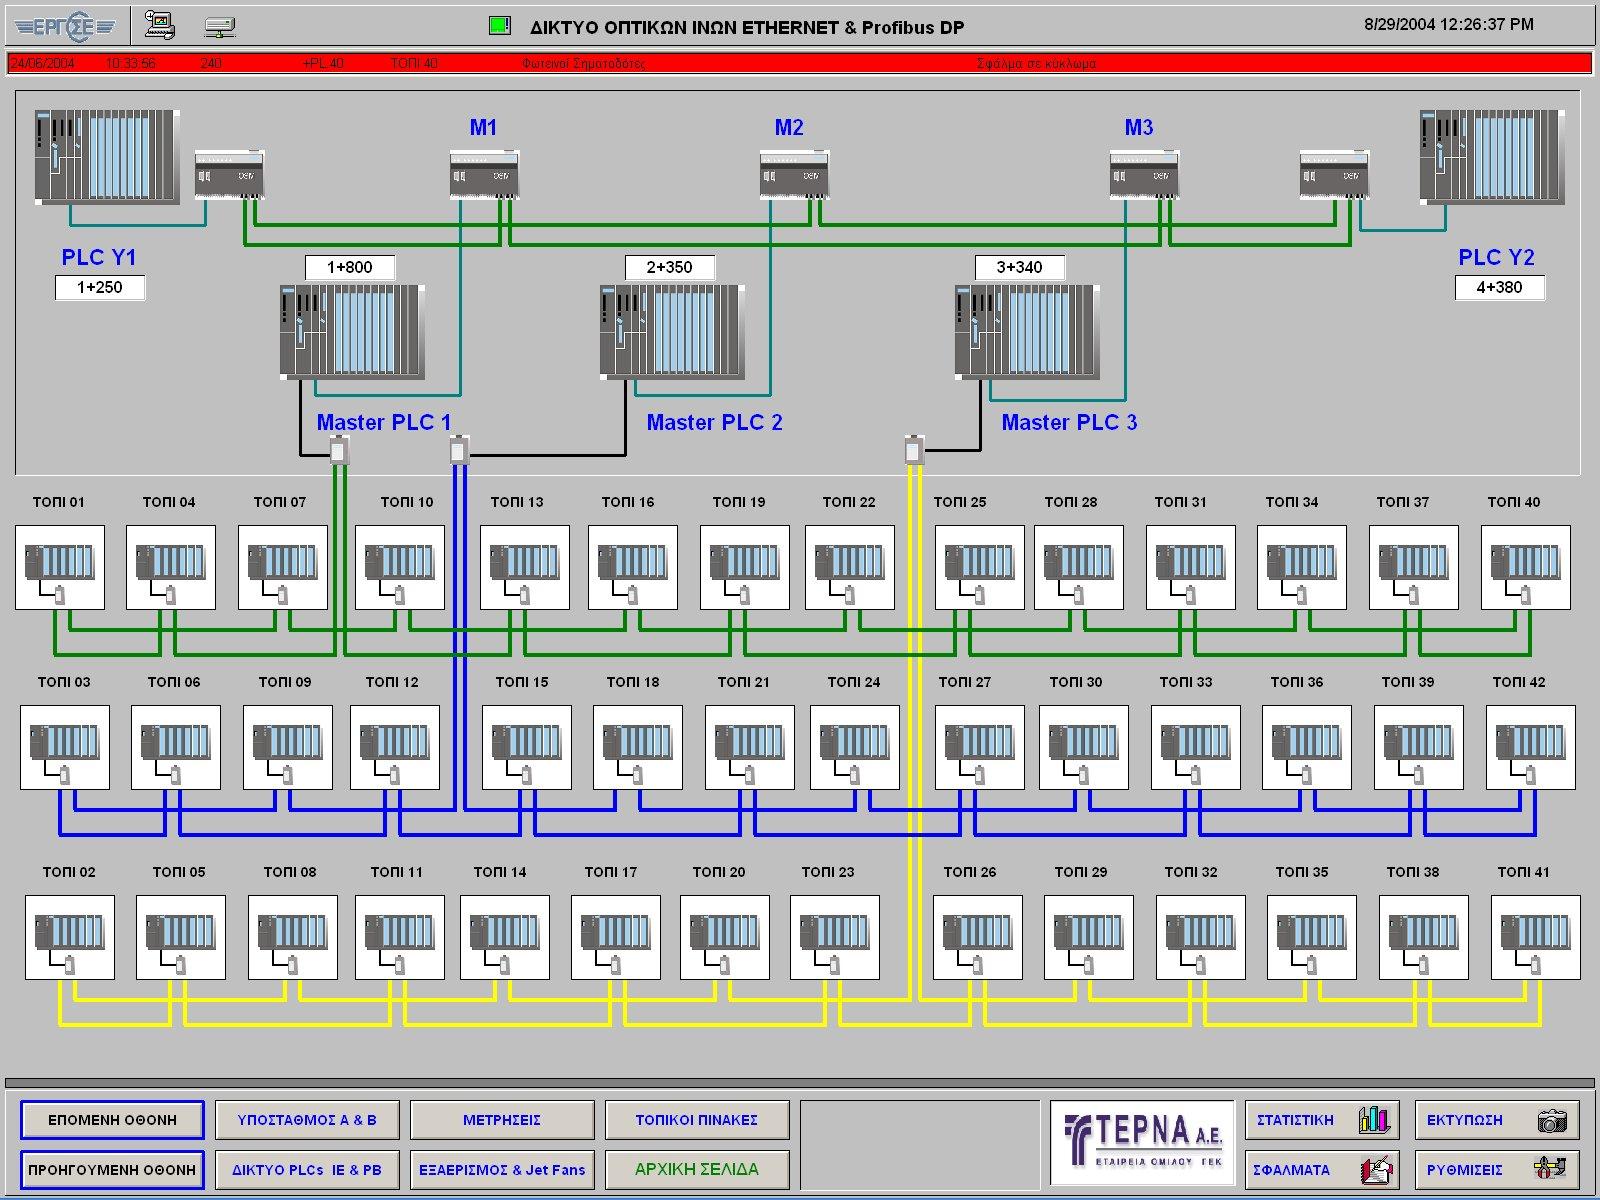 Σήραγγα ΟΣΕ Πλαταμώνα - SCADA δίκτυο οπτικών ινών